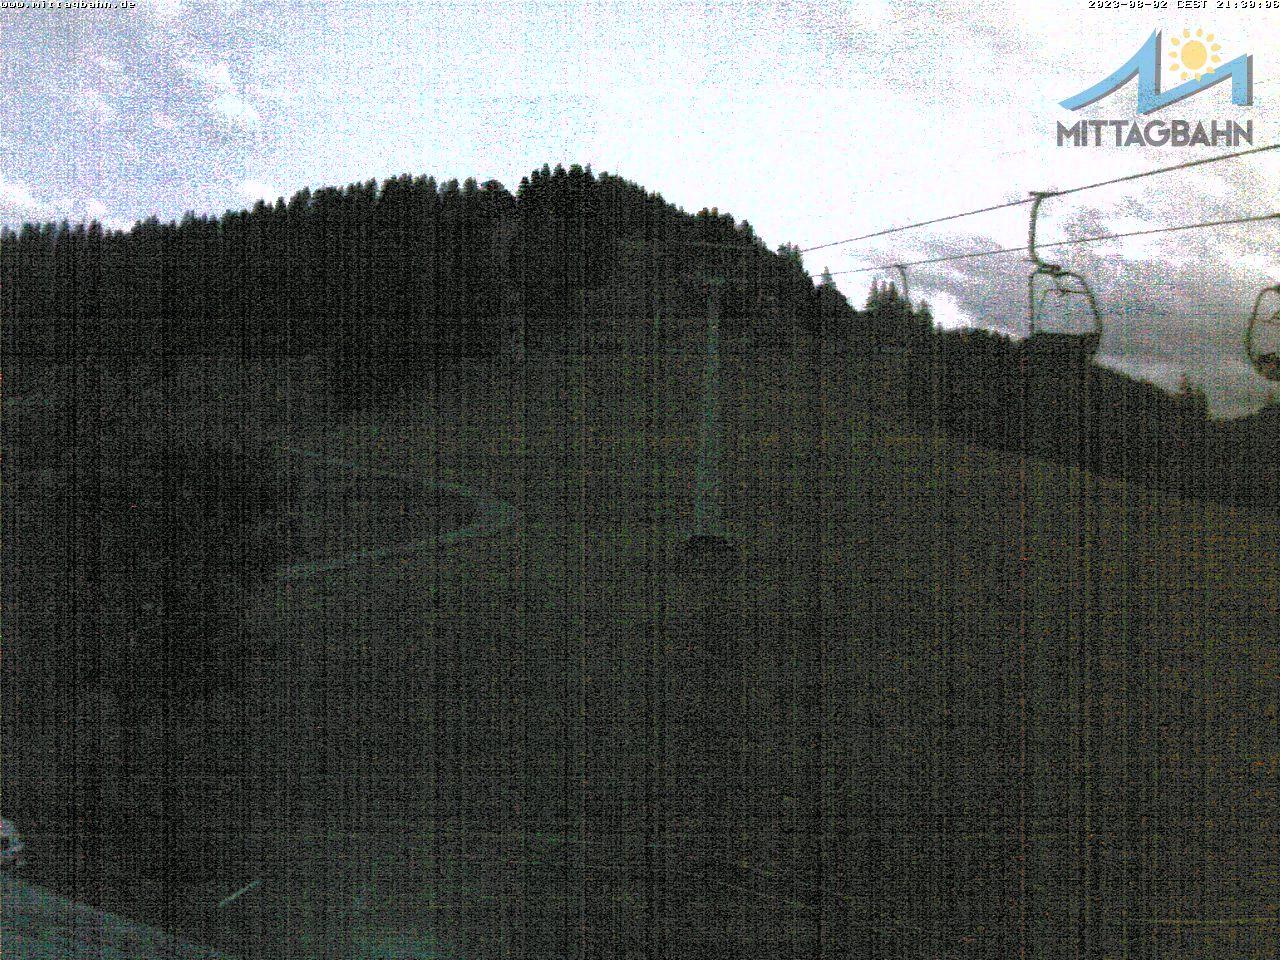 Webcam Skigebiet Immenstadt - Mittag cam 4 - Allg�u